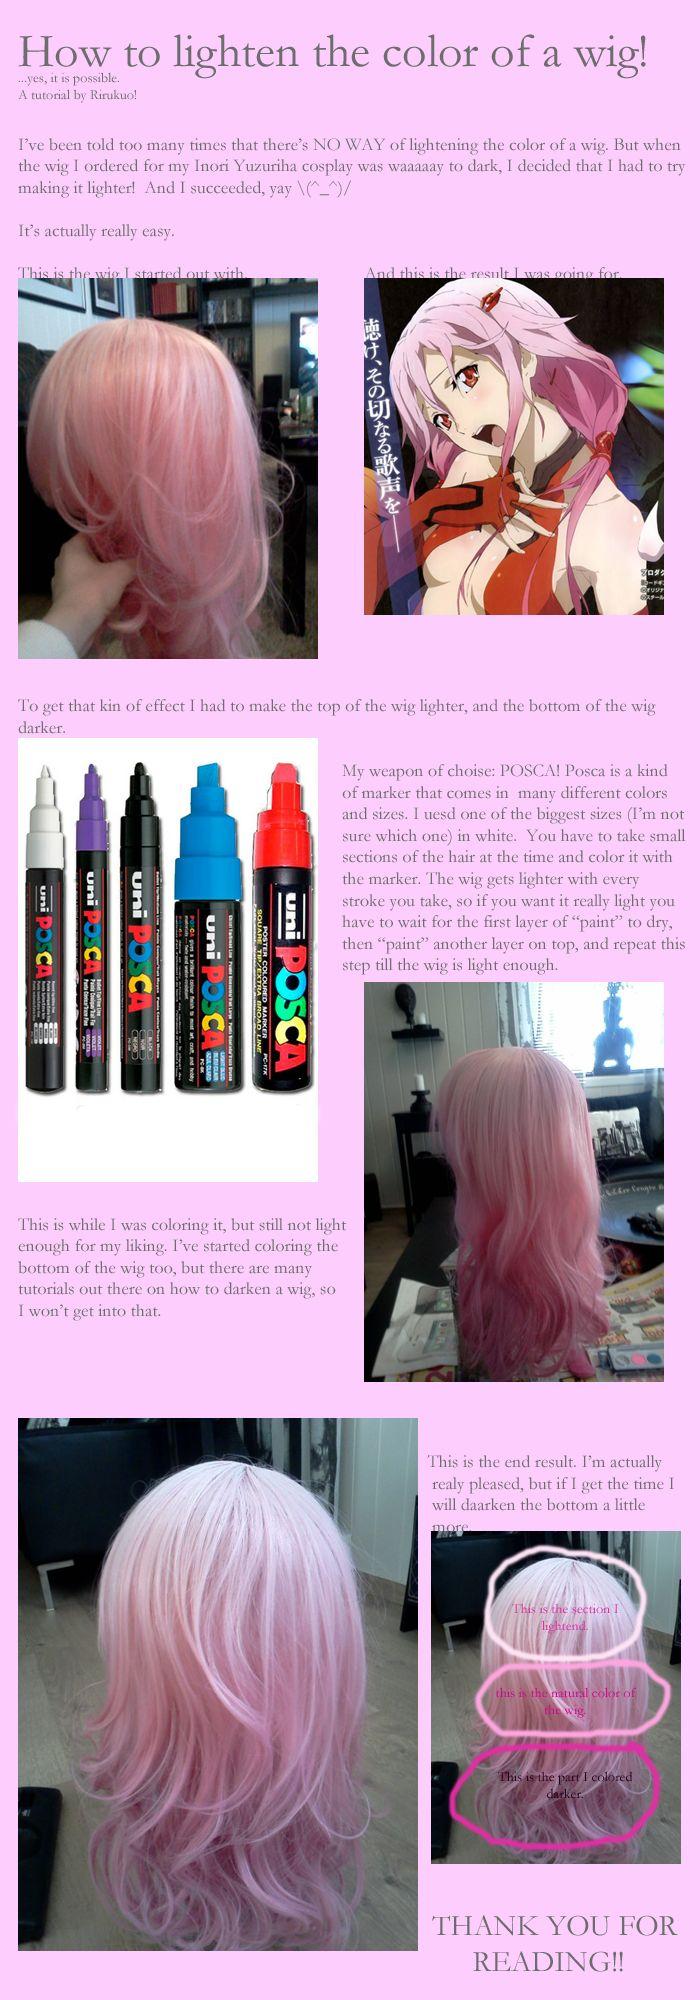 How to lighten a wig by ~Rirukuo on deviantART